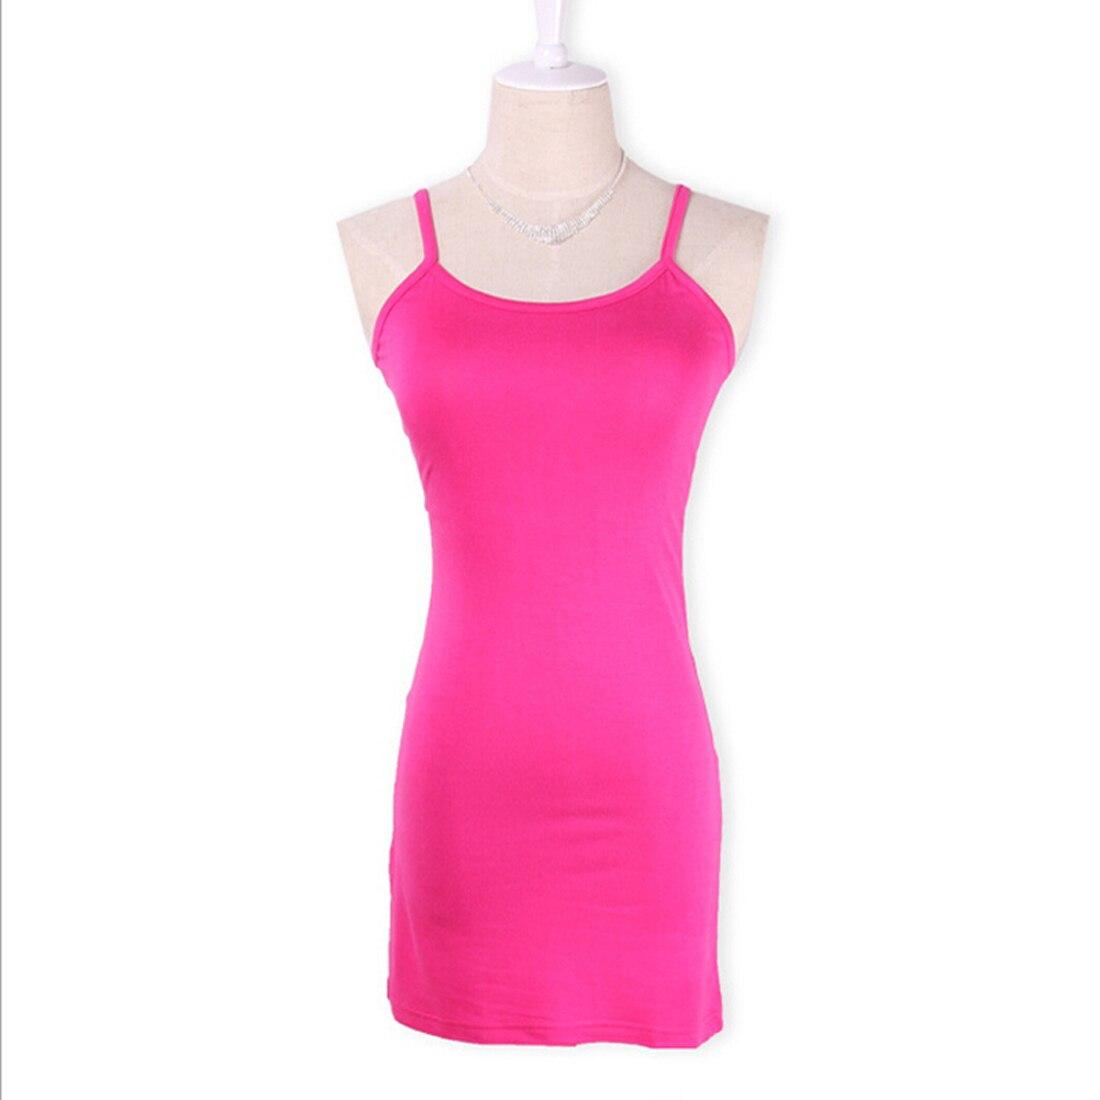 Новинка, Женская эластичная кофточка на бретельках, Длинный топ на бретелях, Мини Короткое платье, летнее повседневное сексуальное платье без рукавов для женщин - Цвет: rose red